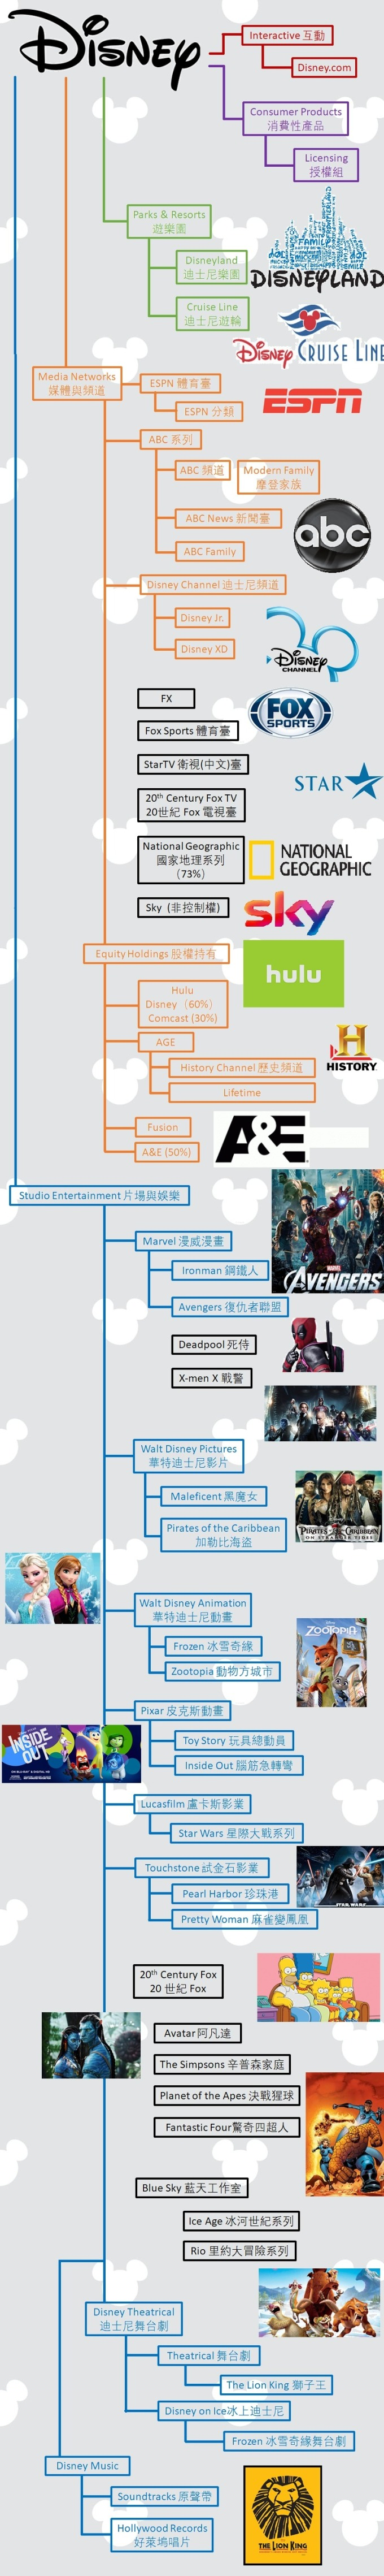 迪士尼資產表 / 圖:迪士尼、Wired、維基百科